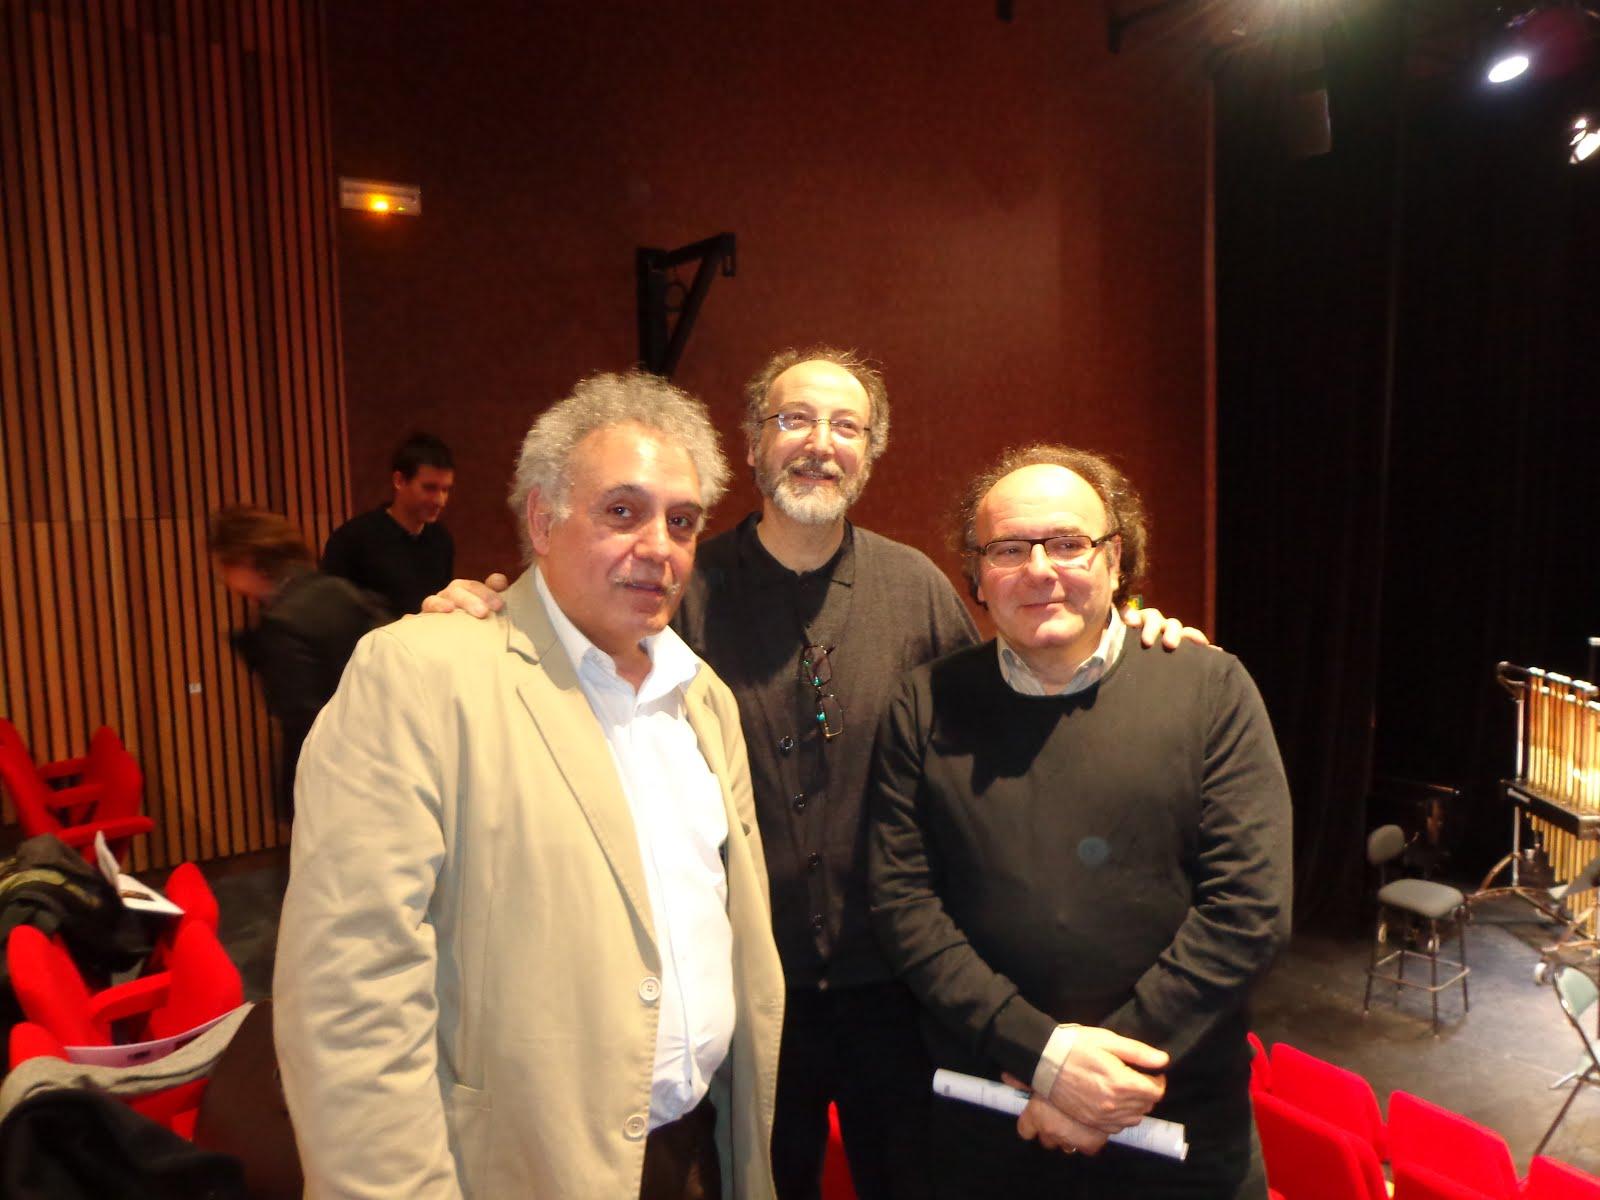 junto a Arthur Thomassin y José Manuel López López